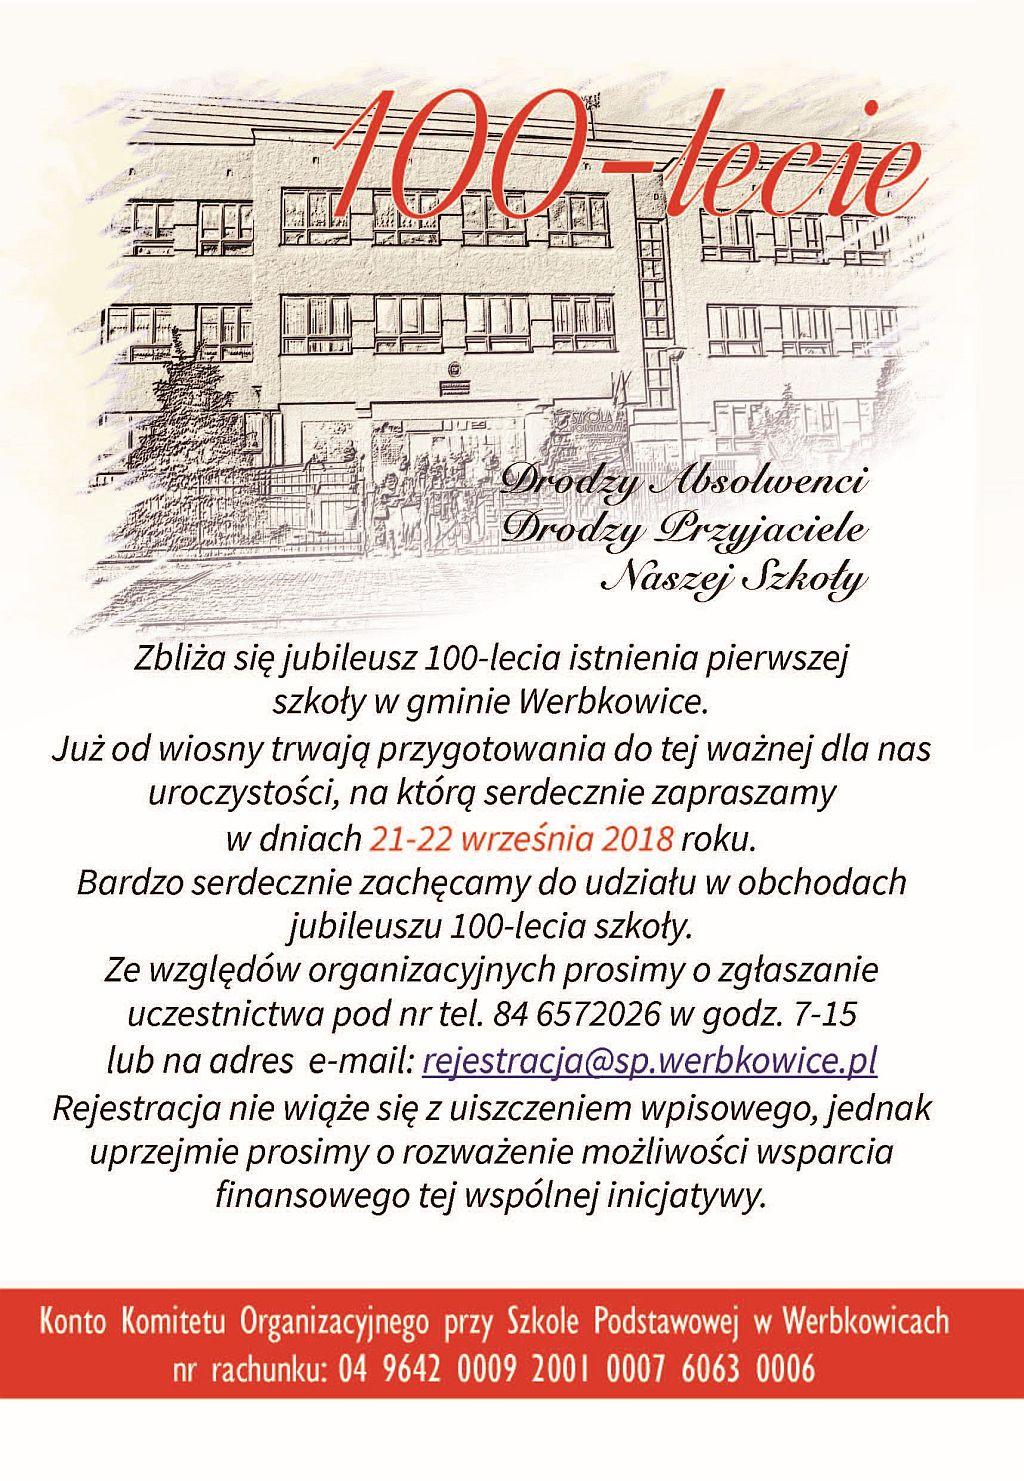 Jubileusz 100-lecia szkoły w Werbkowicach